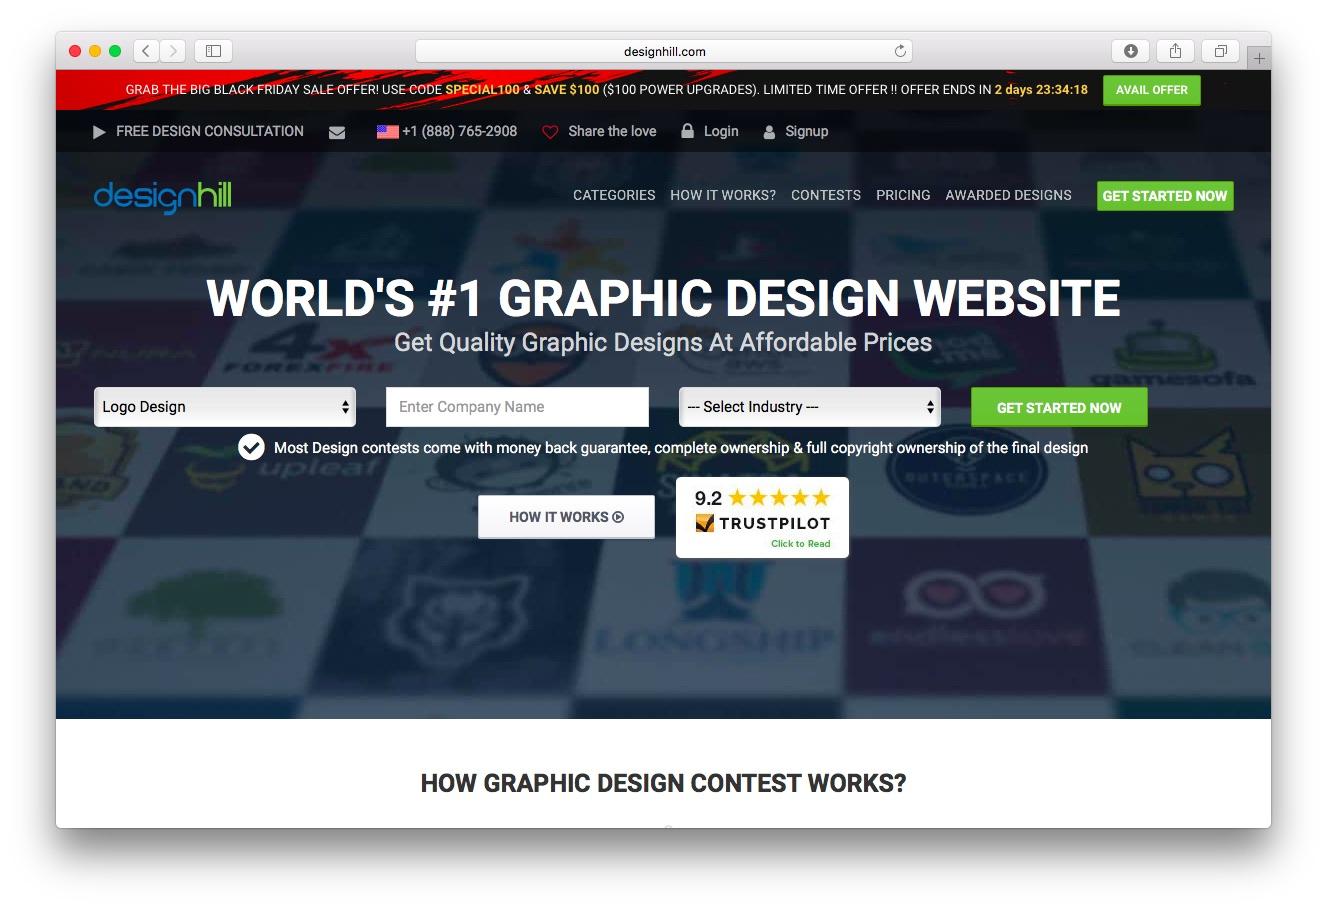 The Designhill homepage